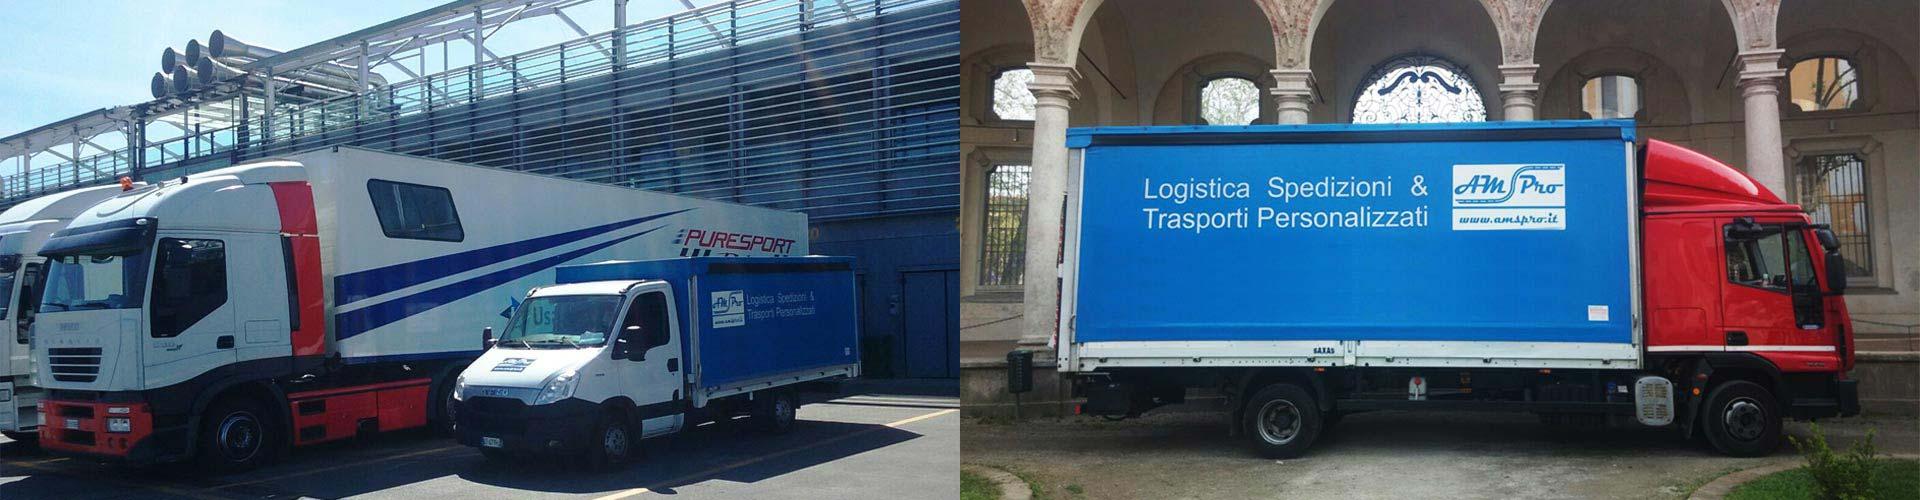 AMS Pro - trasporti